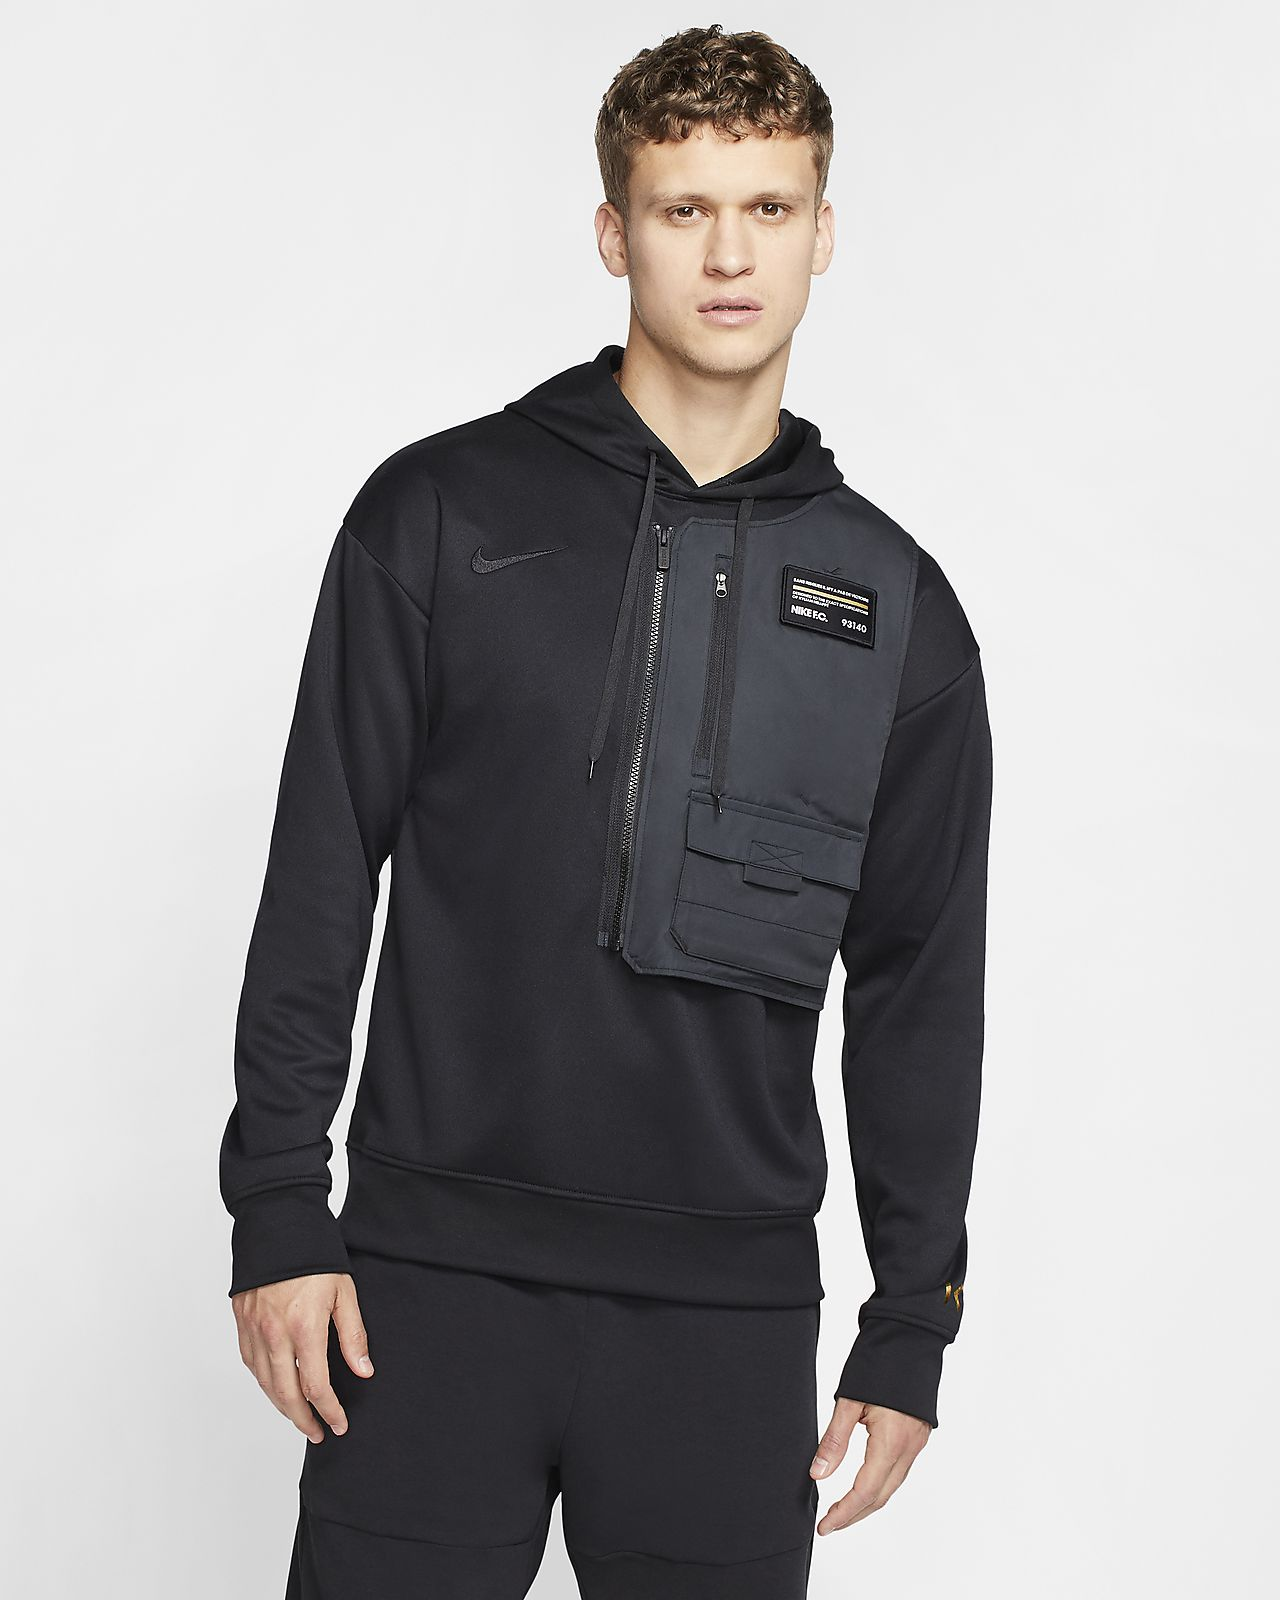 Nike Dri-FIT Bondy-fodboldpullover-hættetrøje til mænd